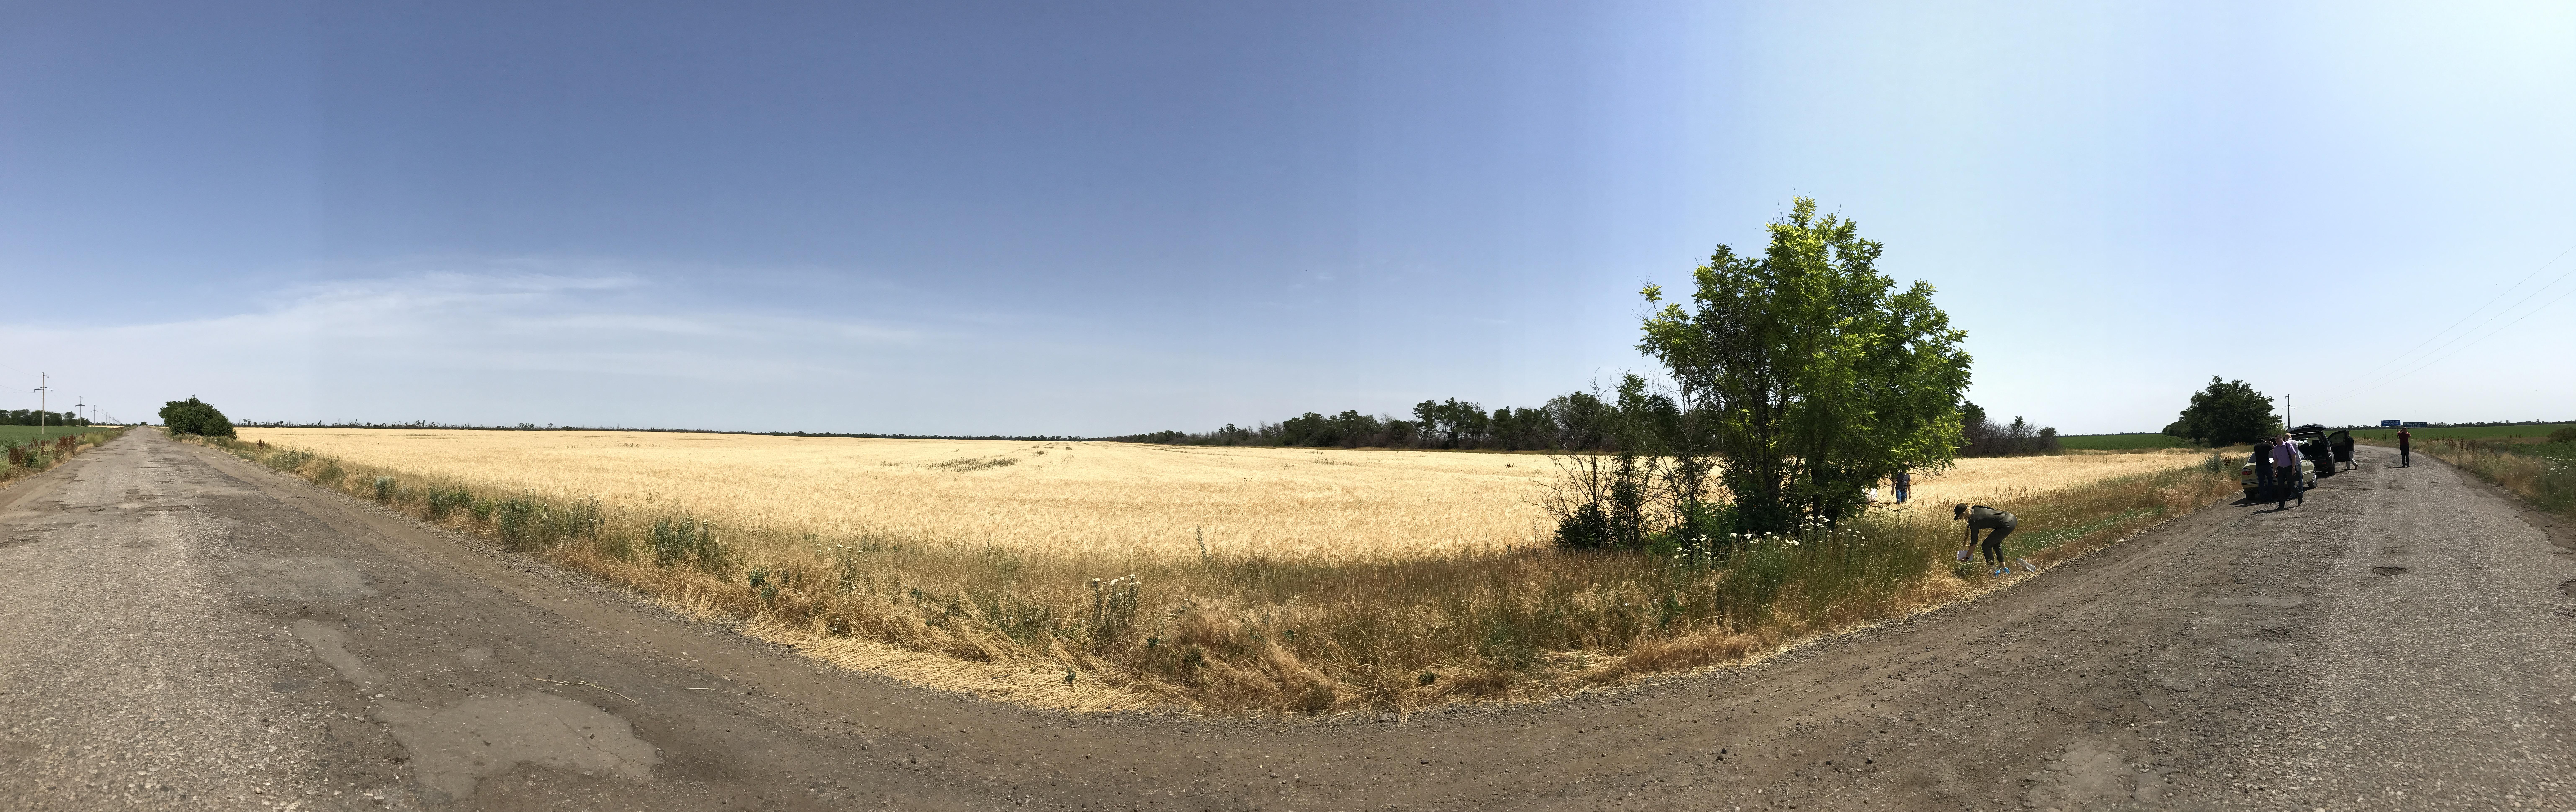 В Запорожской области самовольно захватили 80 гектаров земли - ФОТО